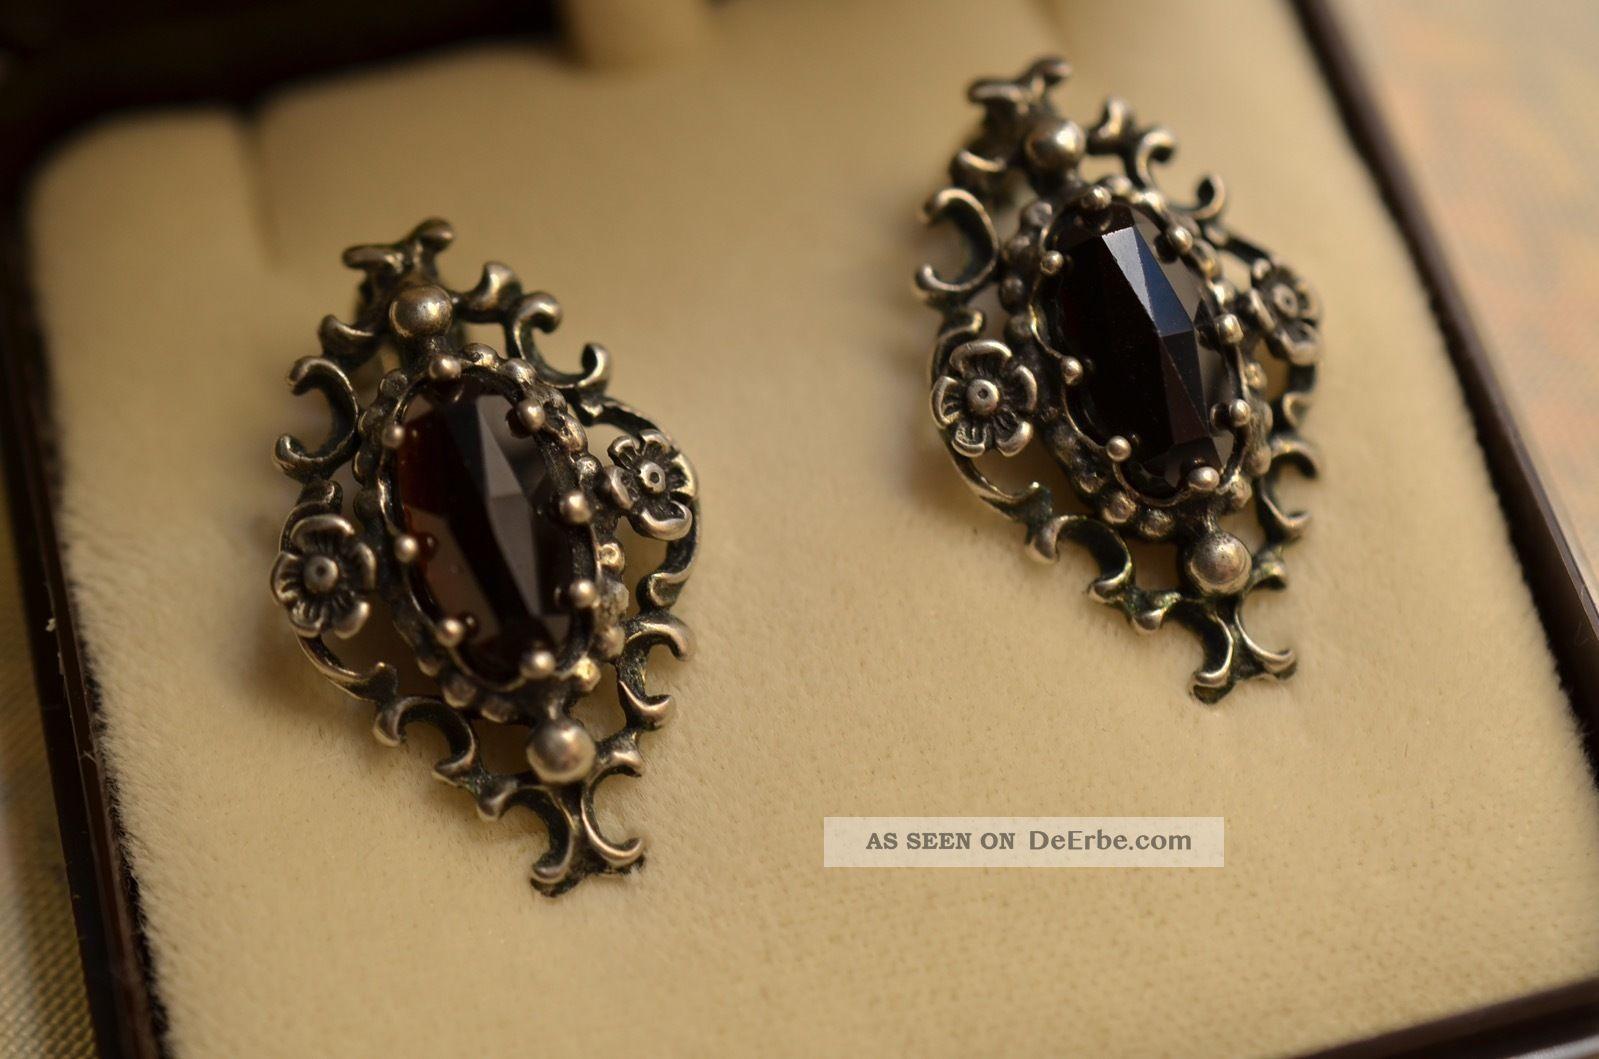 Schöne Alte Ausgefallene Granat Ohrringe Ohrclips Silber Schmuck & Accessoires Bild